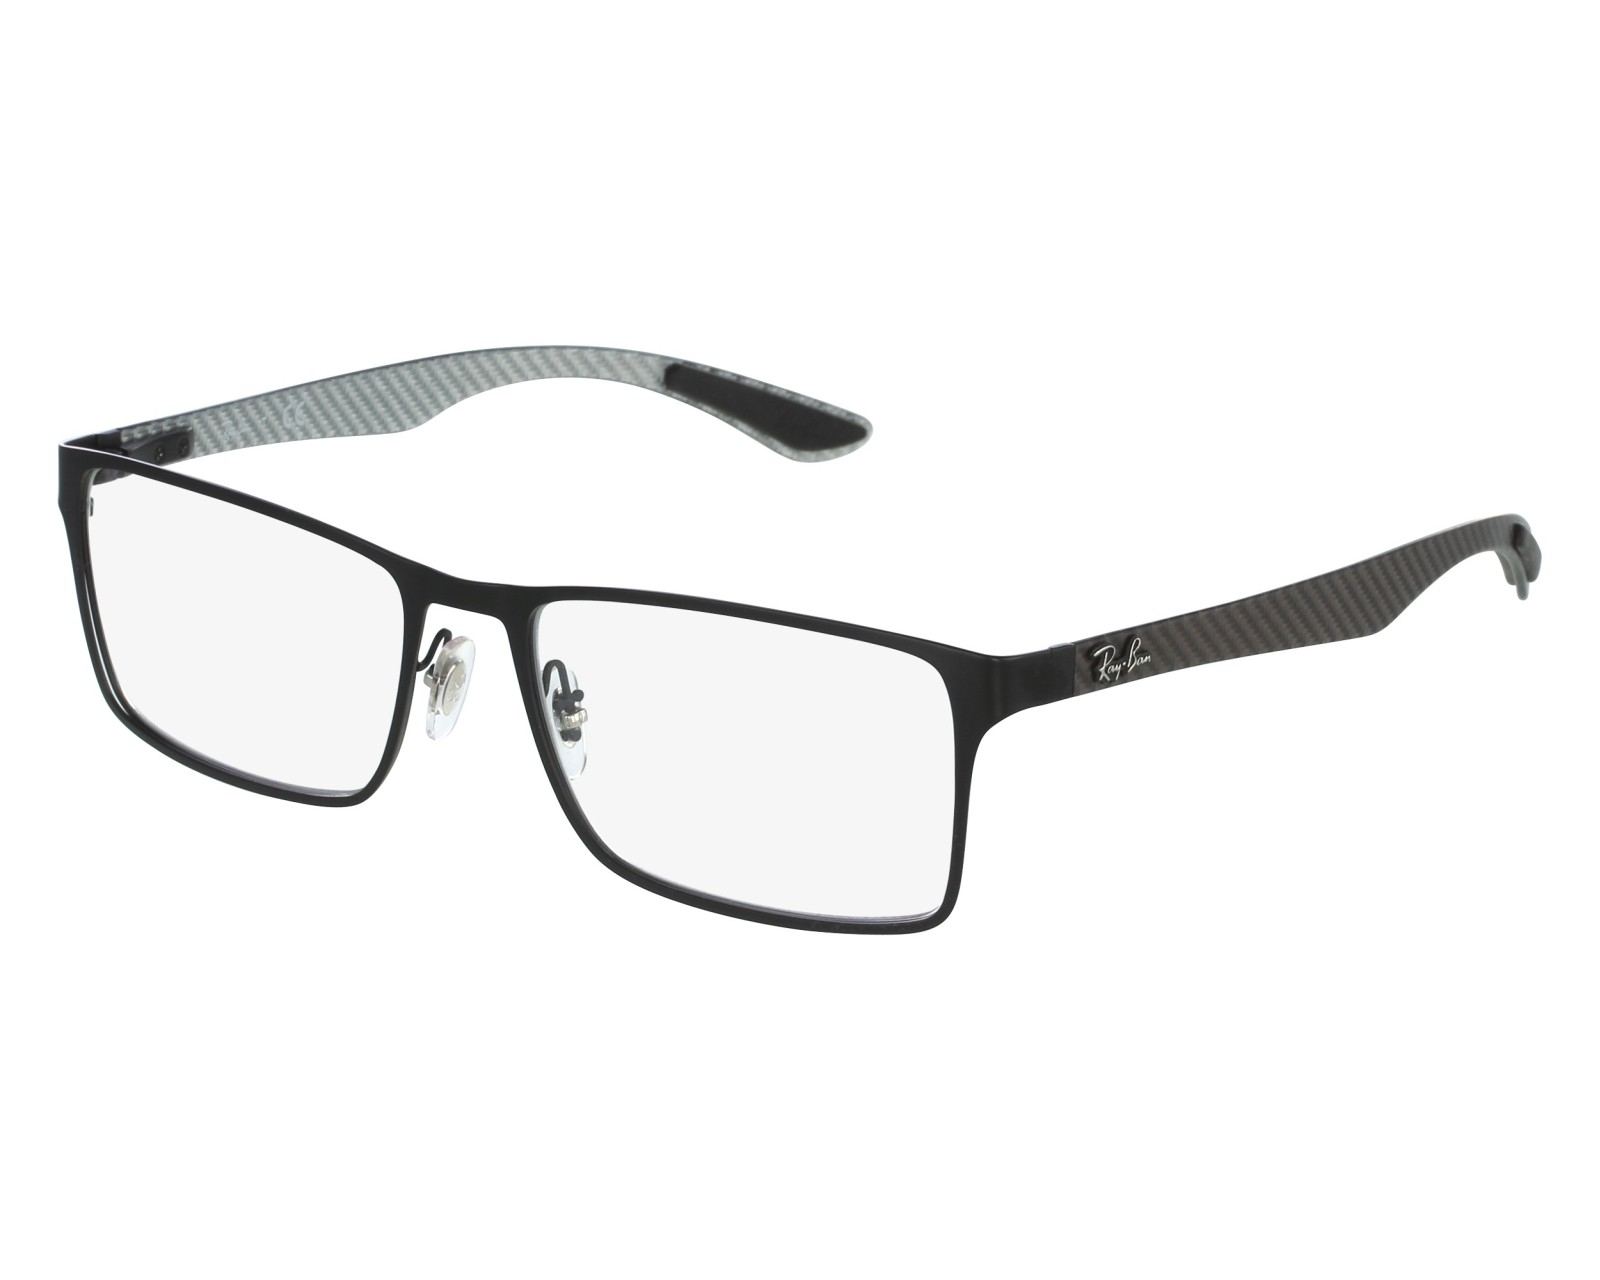 d79e50370b Brillen Ray-Ban RX-8415 2503 53-17 schwarz grau Vorderansicht